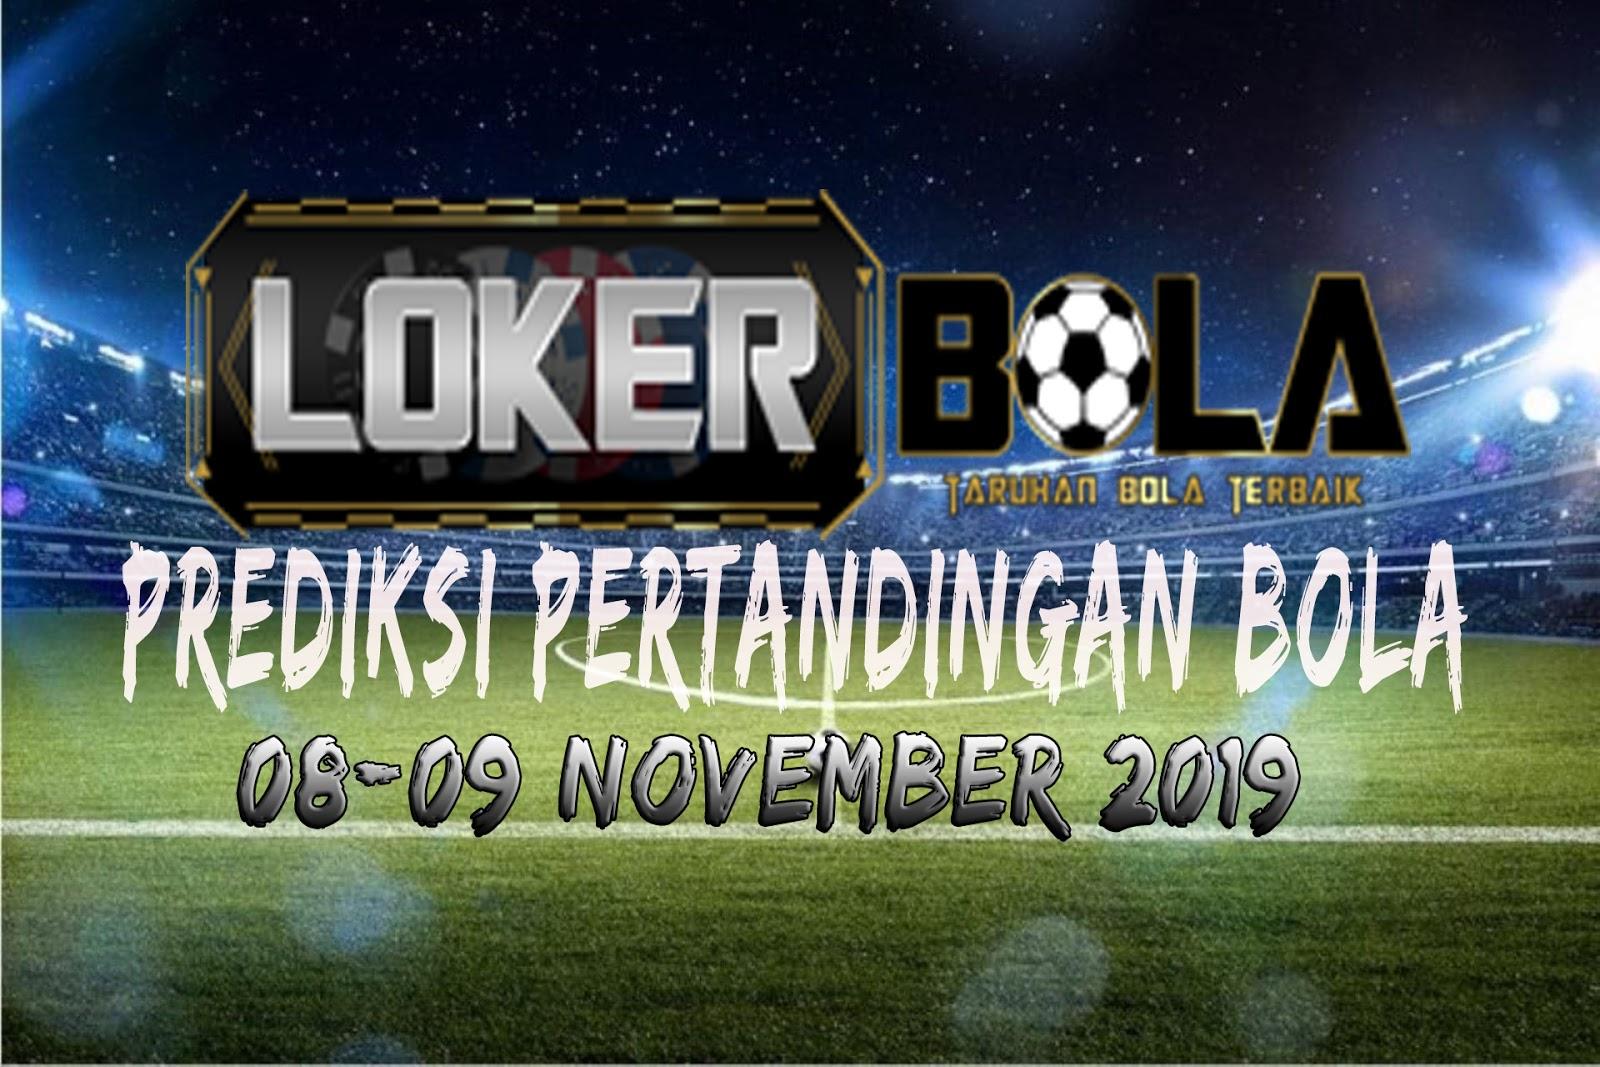 PREDIKSI PERTANDINGAN BOLA 08 – 09 NOVEMBER 2019